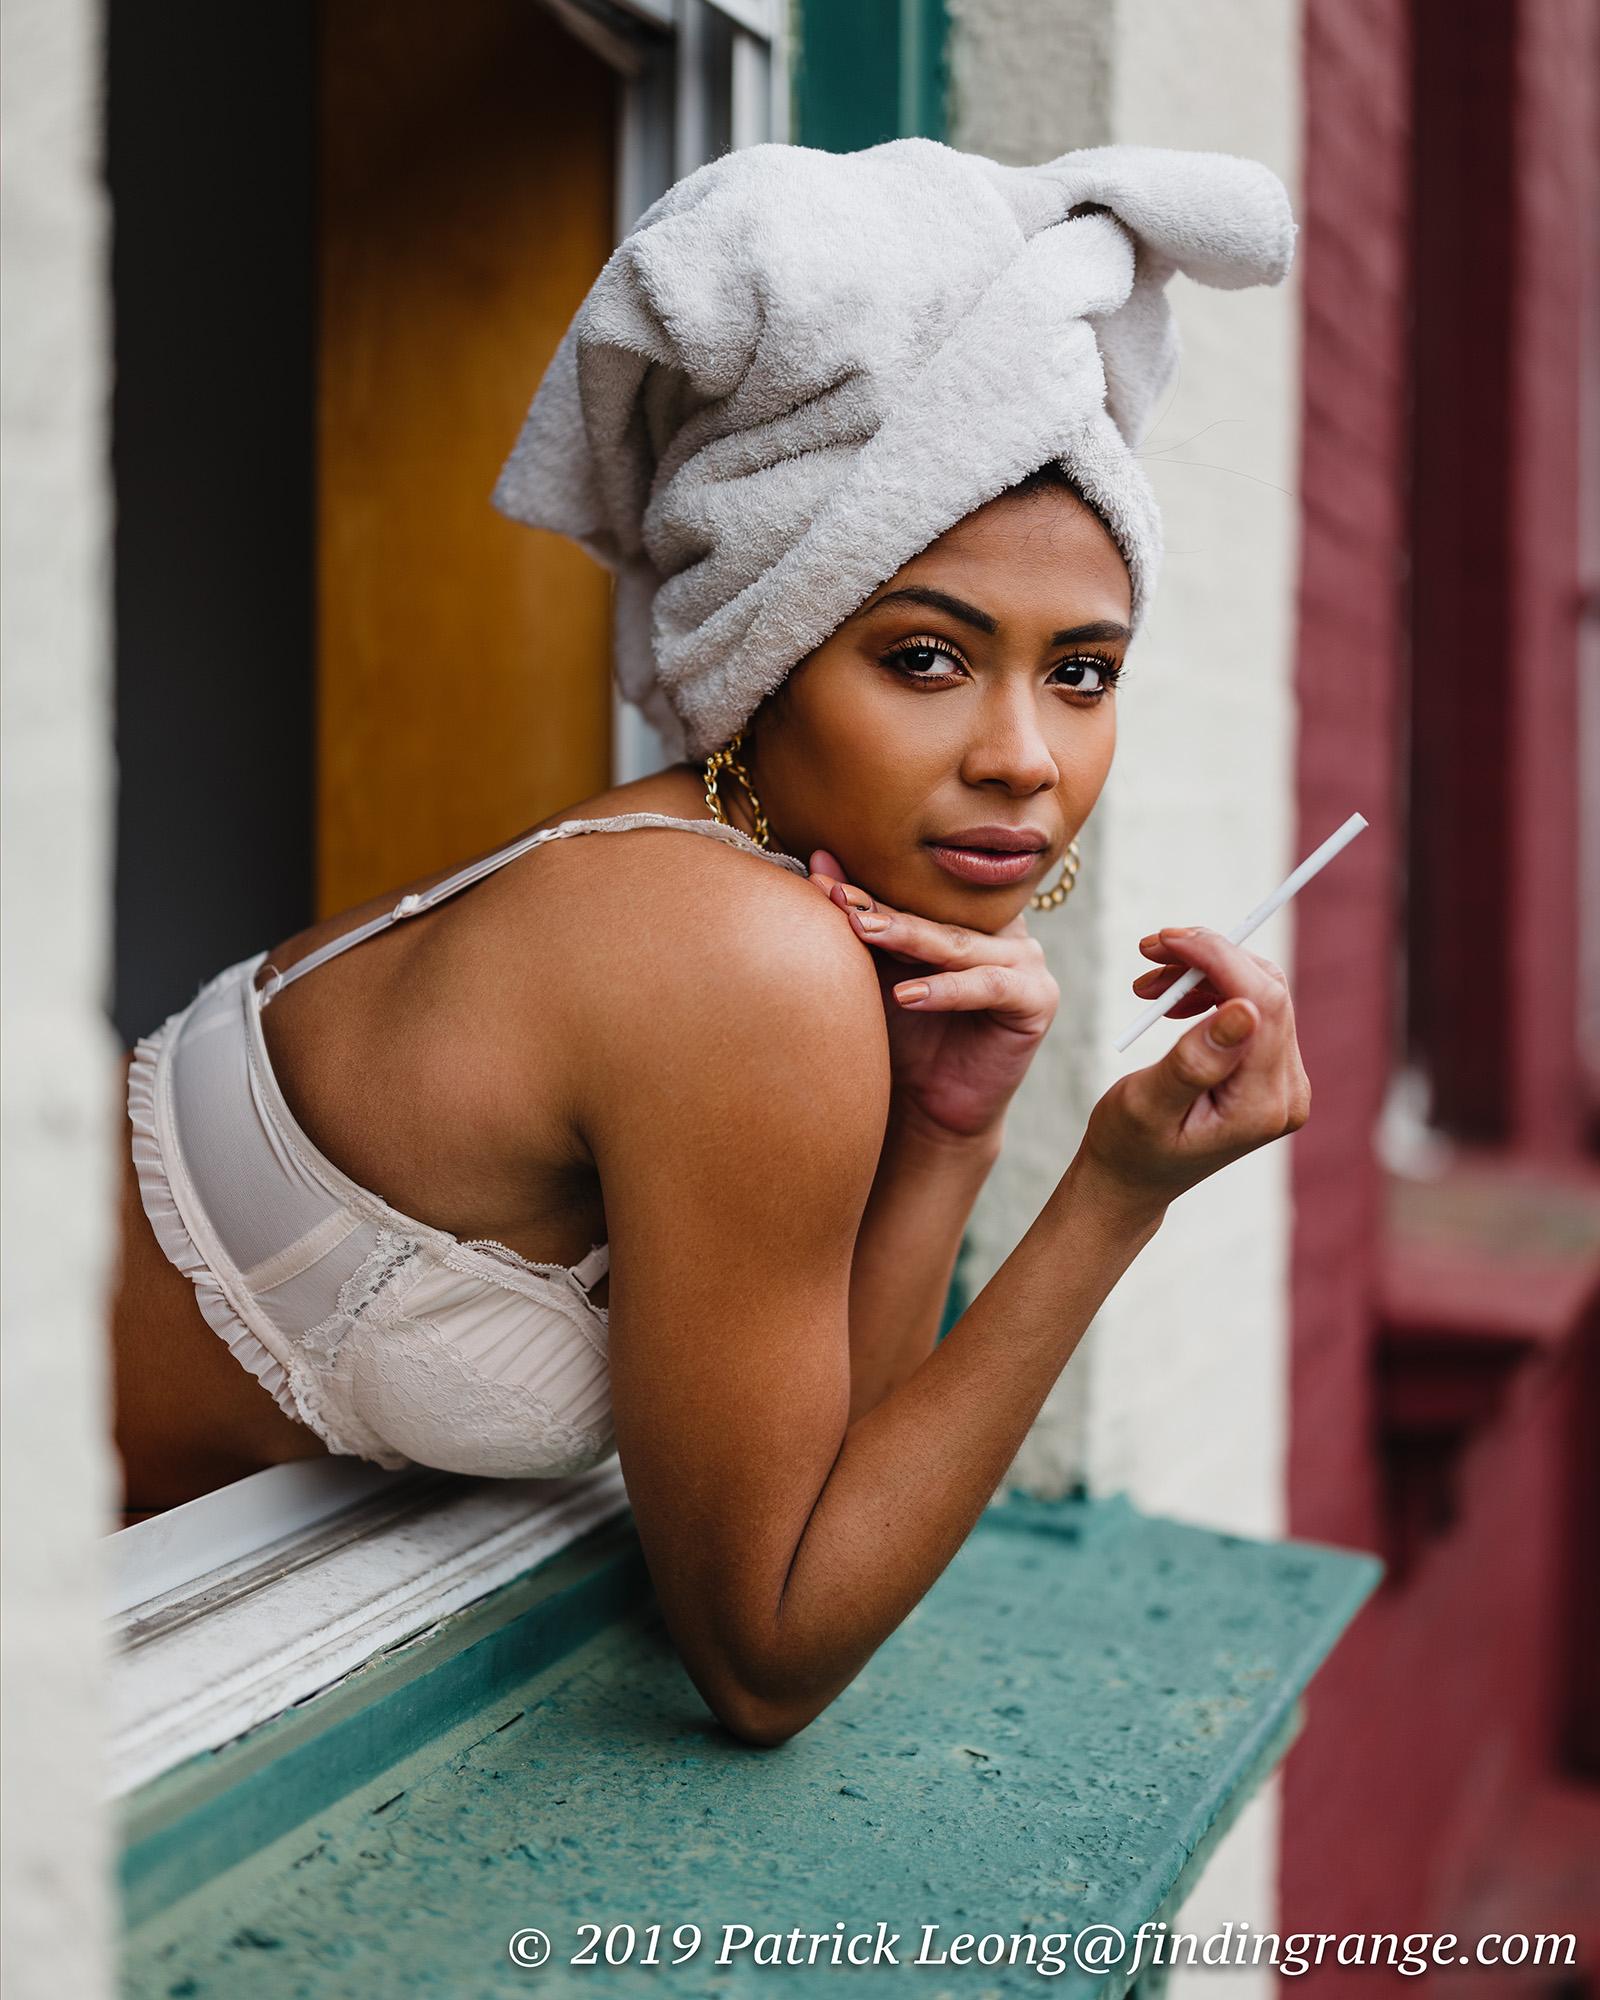 Leica SL: Window Portraits With The Summilux-SL 50mm f1.4 ASPH